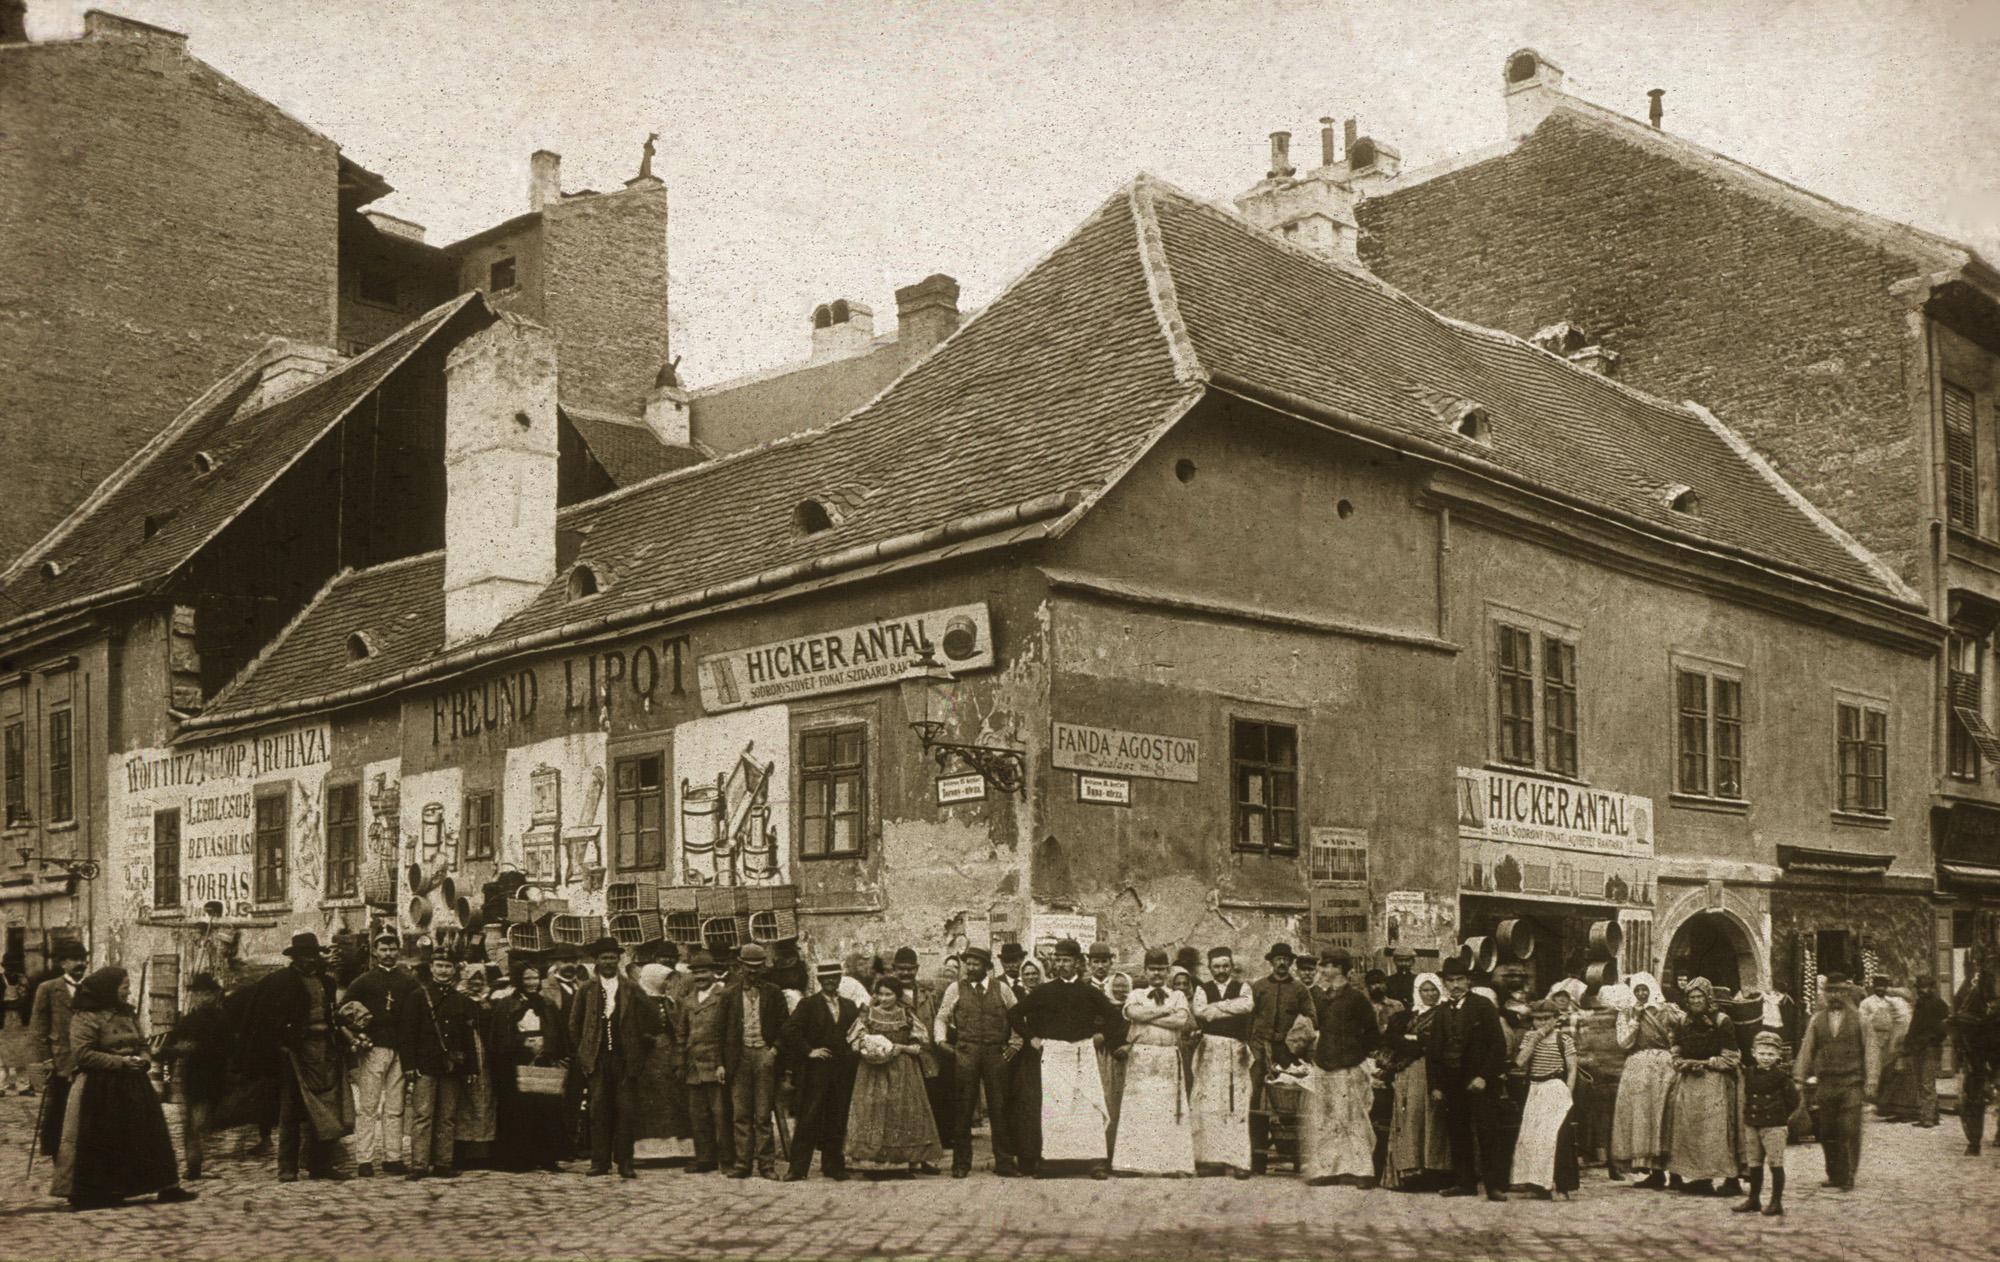 Fotó: Klösz György: Torony u. és Duna u. sarok, 1895 (Kisképző Digitális Fotótár)